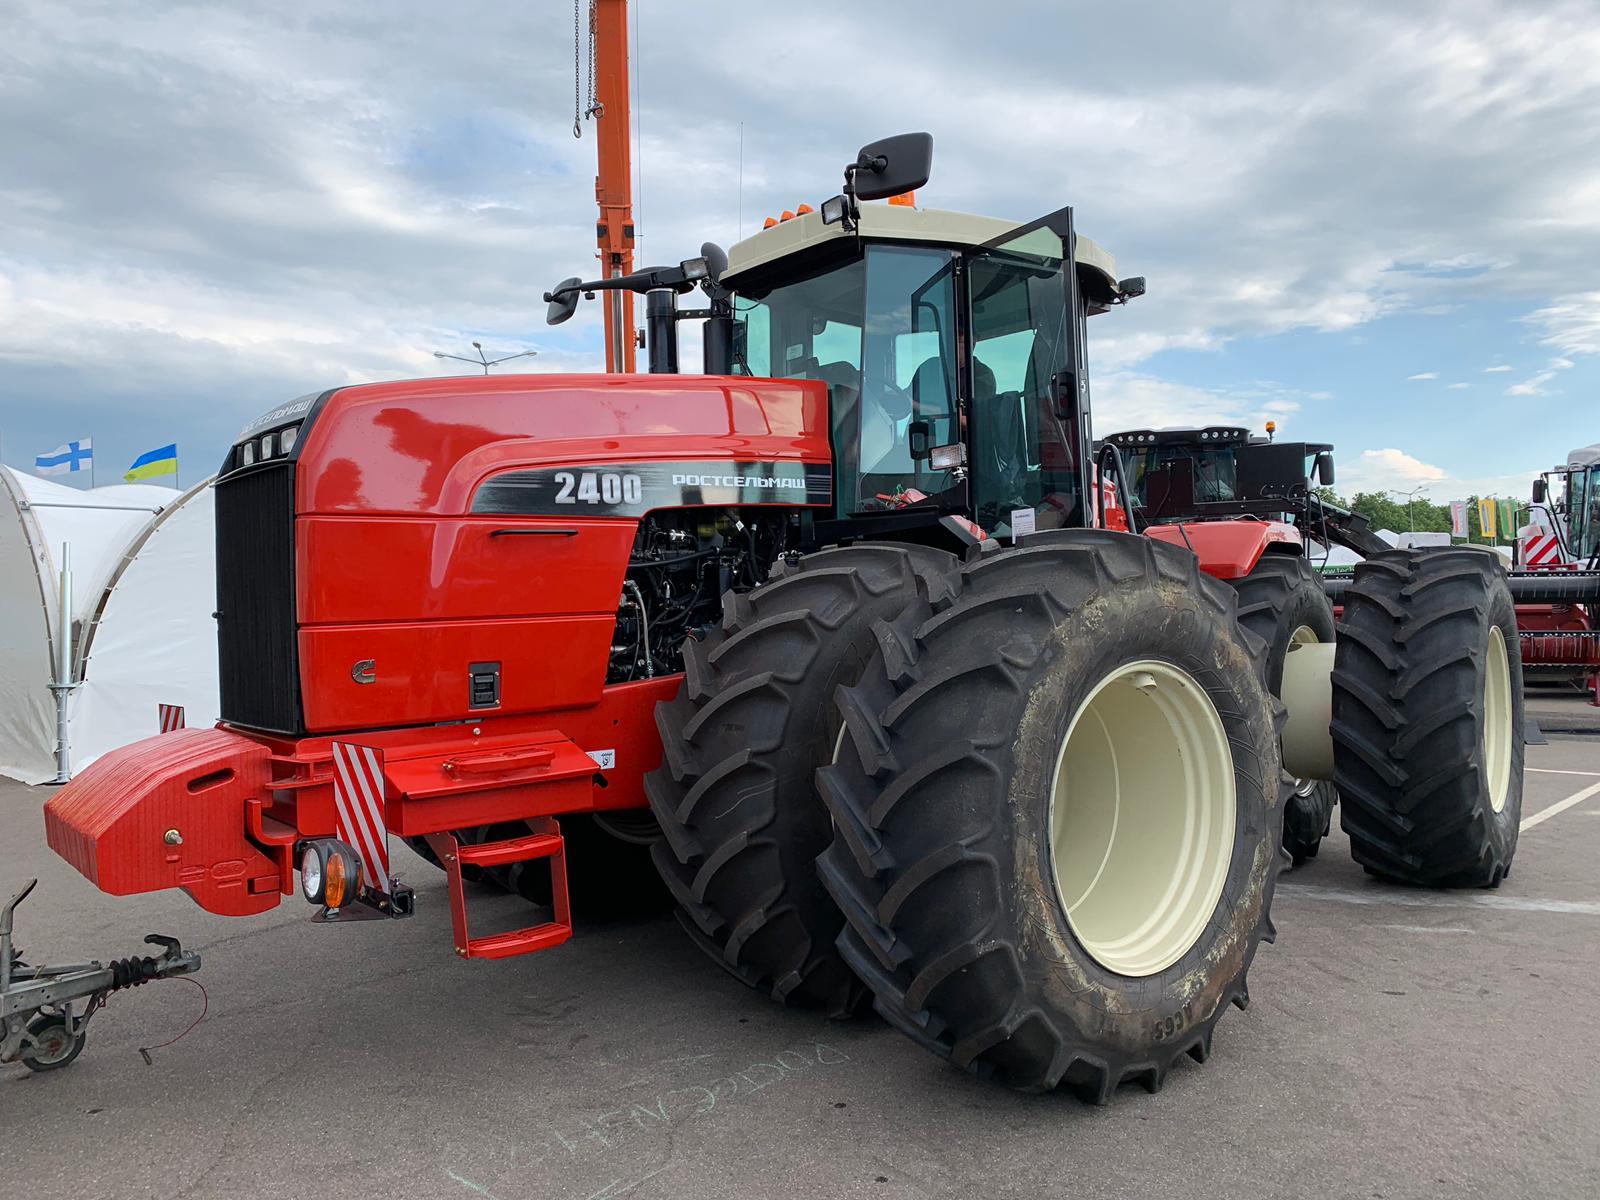 Донская машиностроительная компания Ростсельмаш представила свою продукцию на выставке в Белоруссии